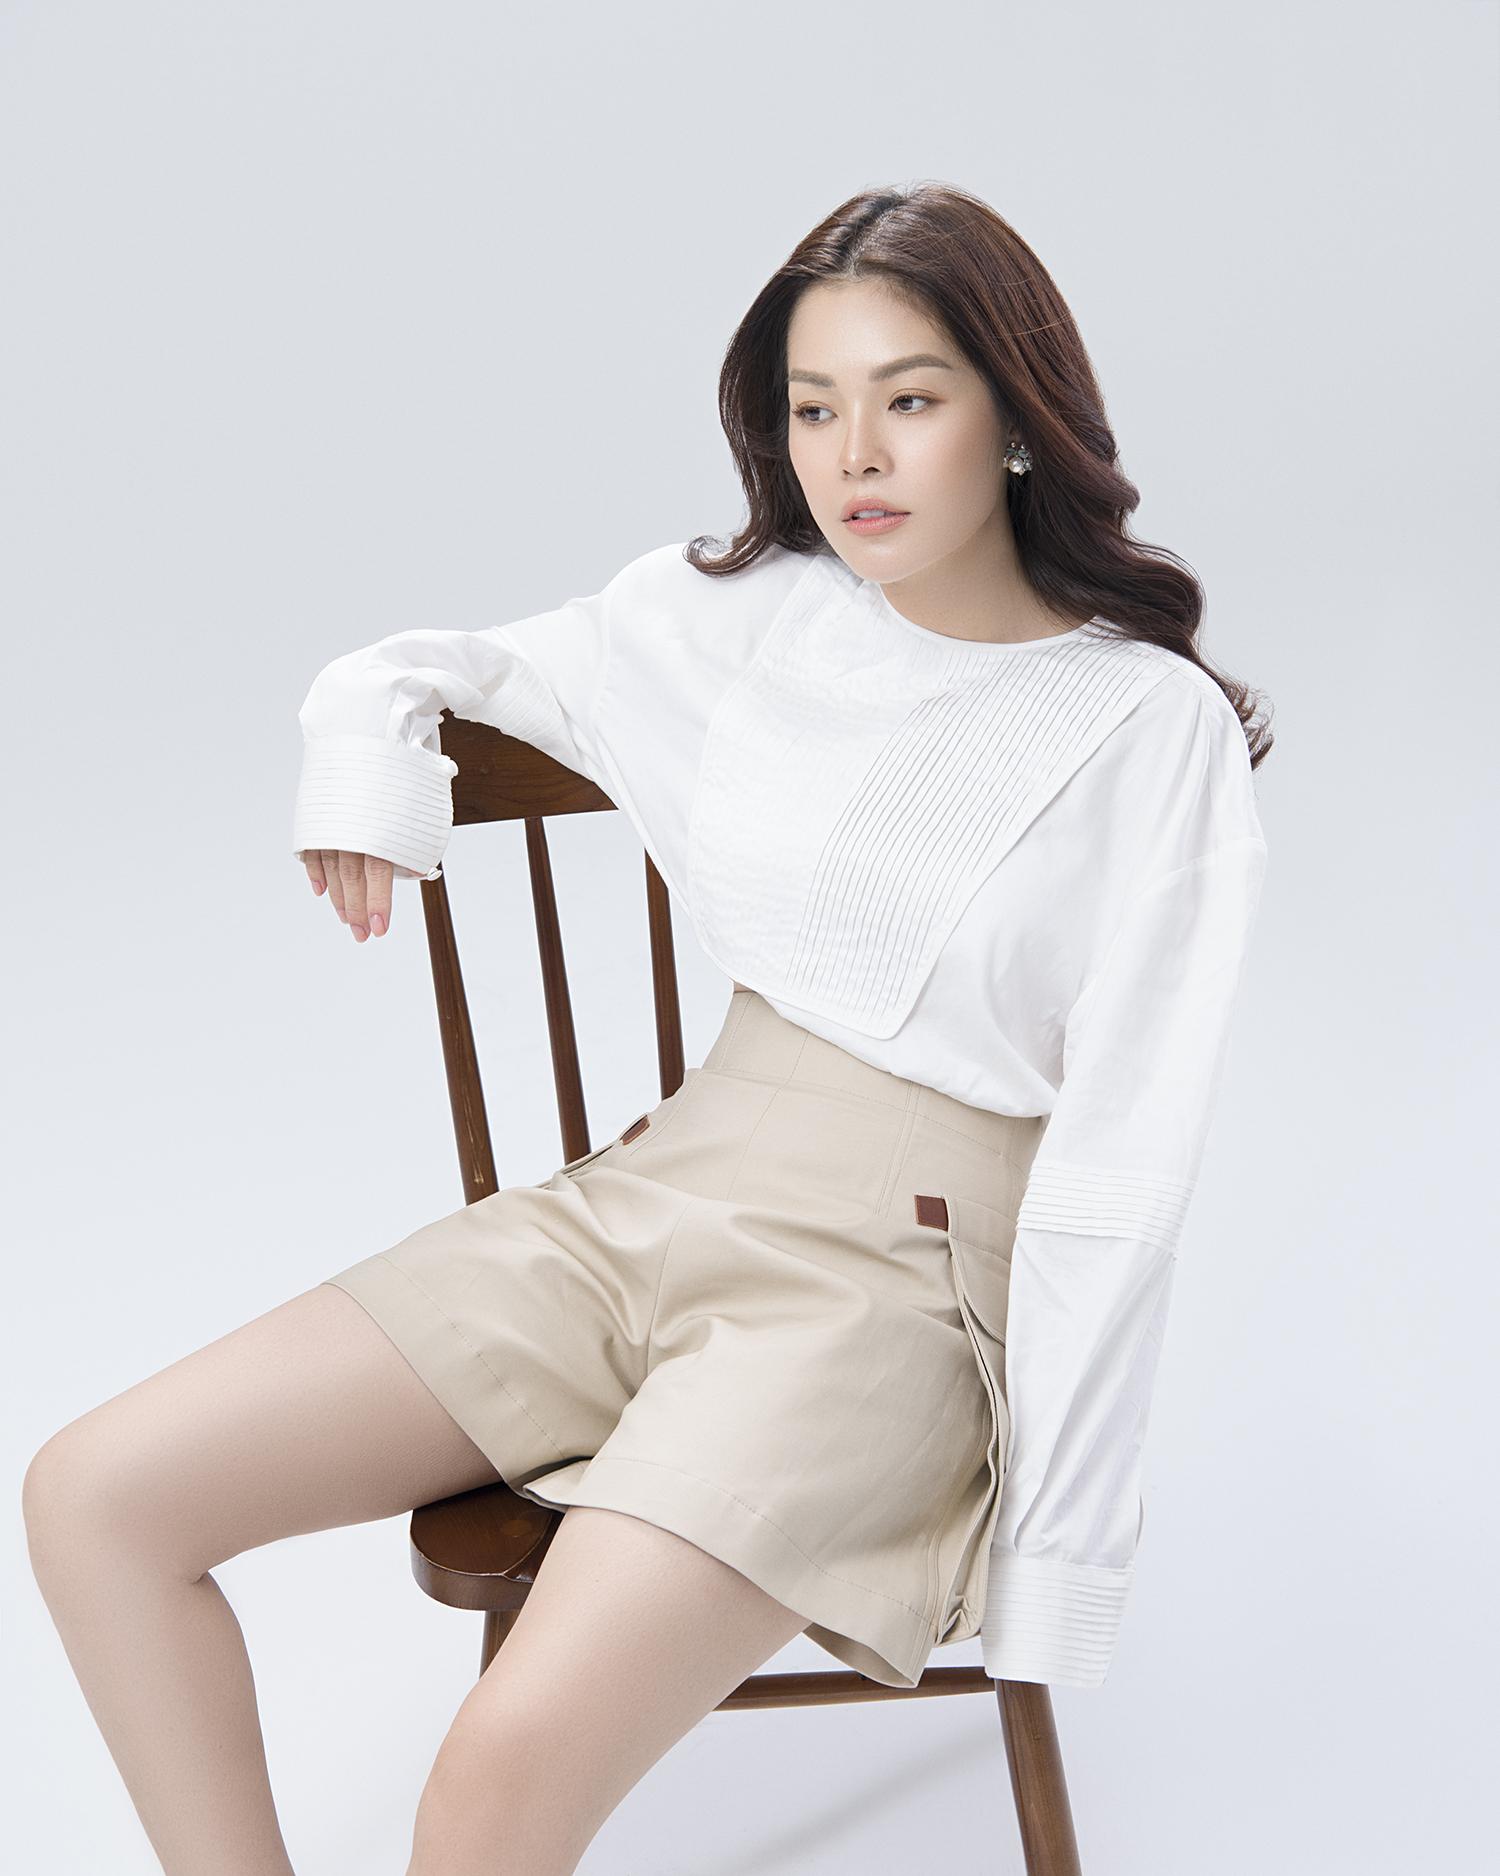 Duong-Cam-Lynh